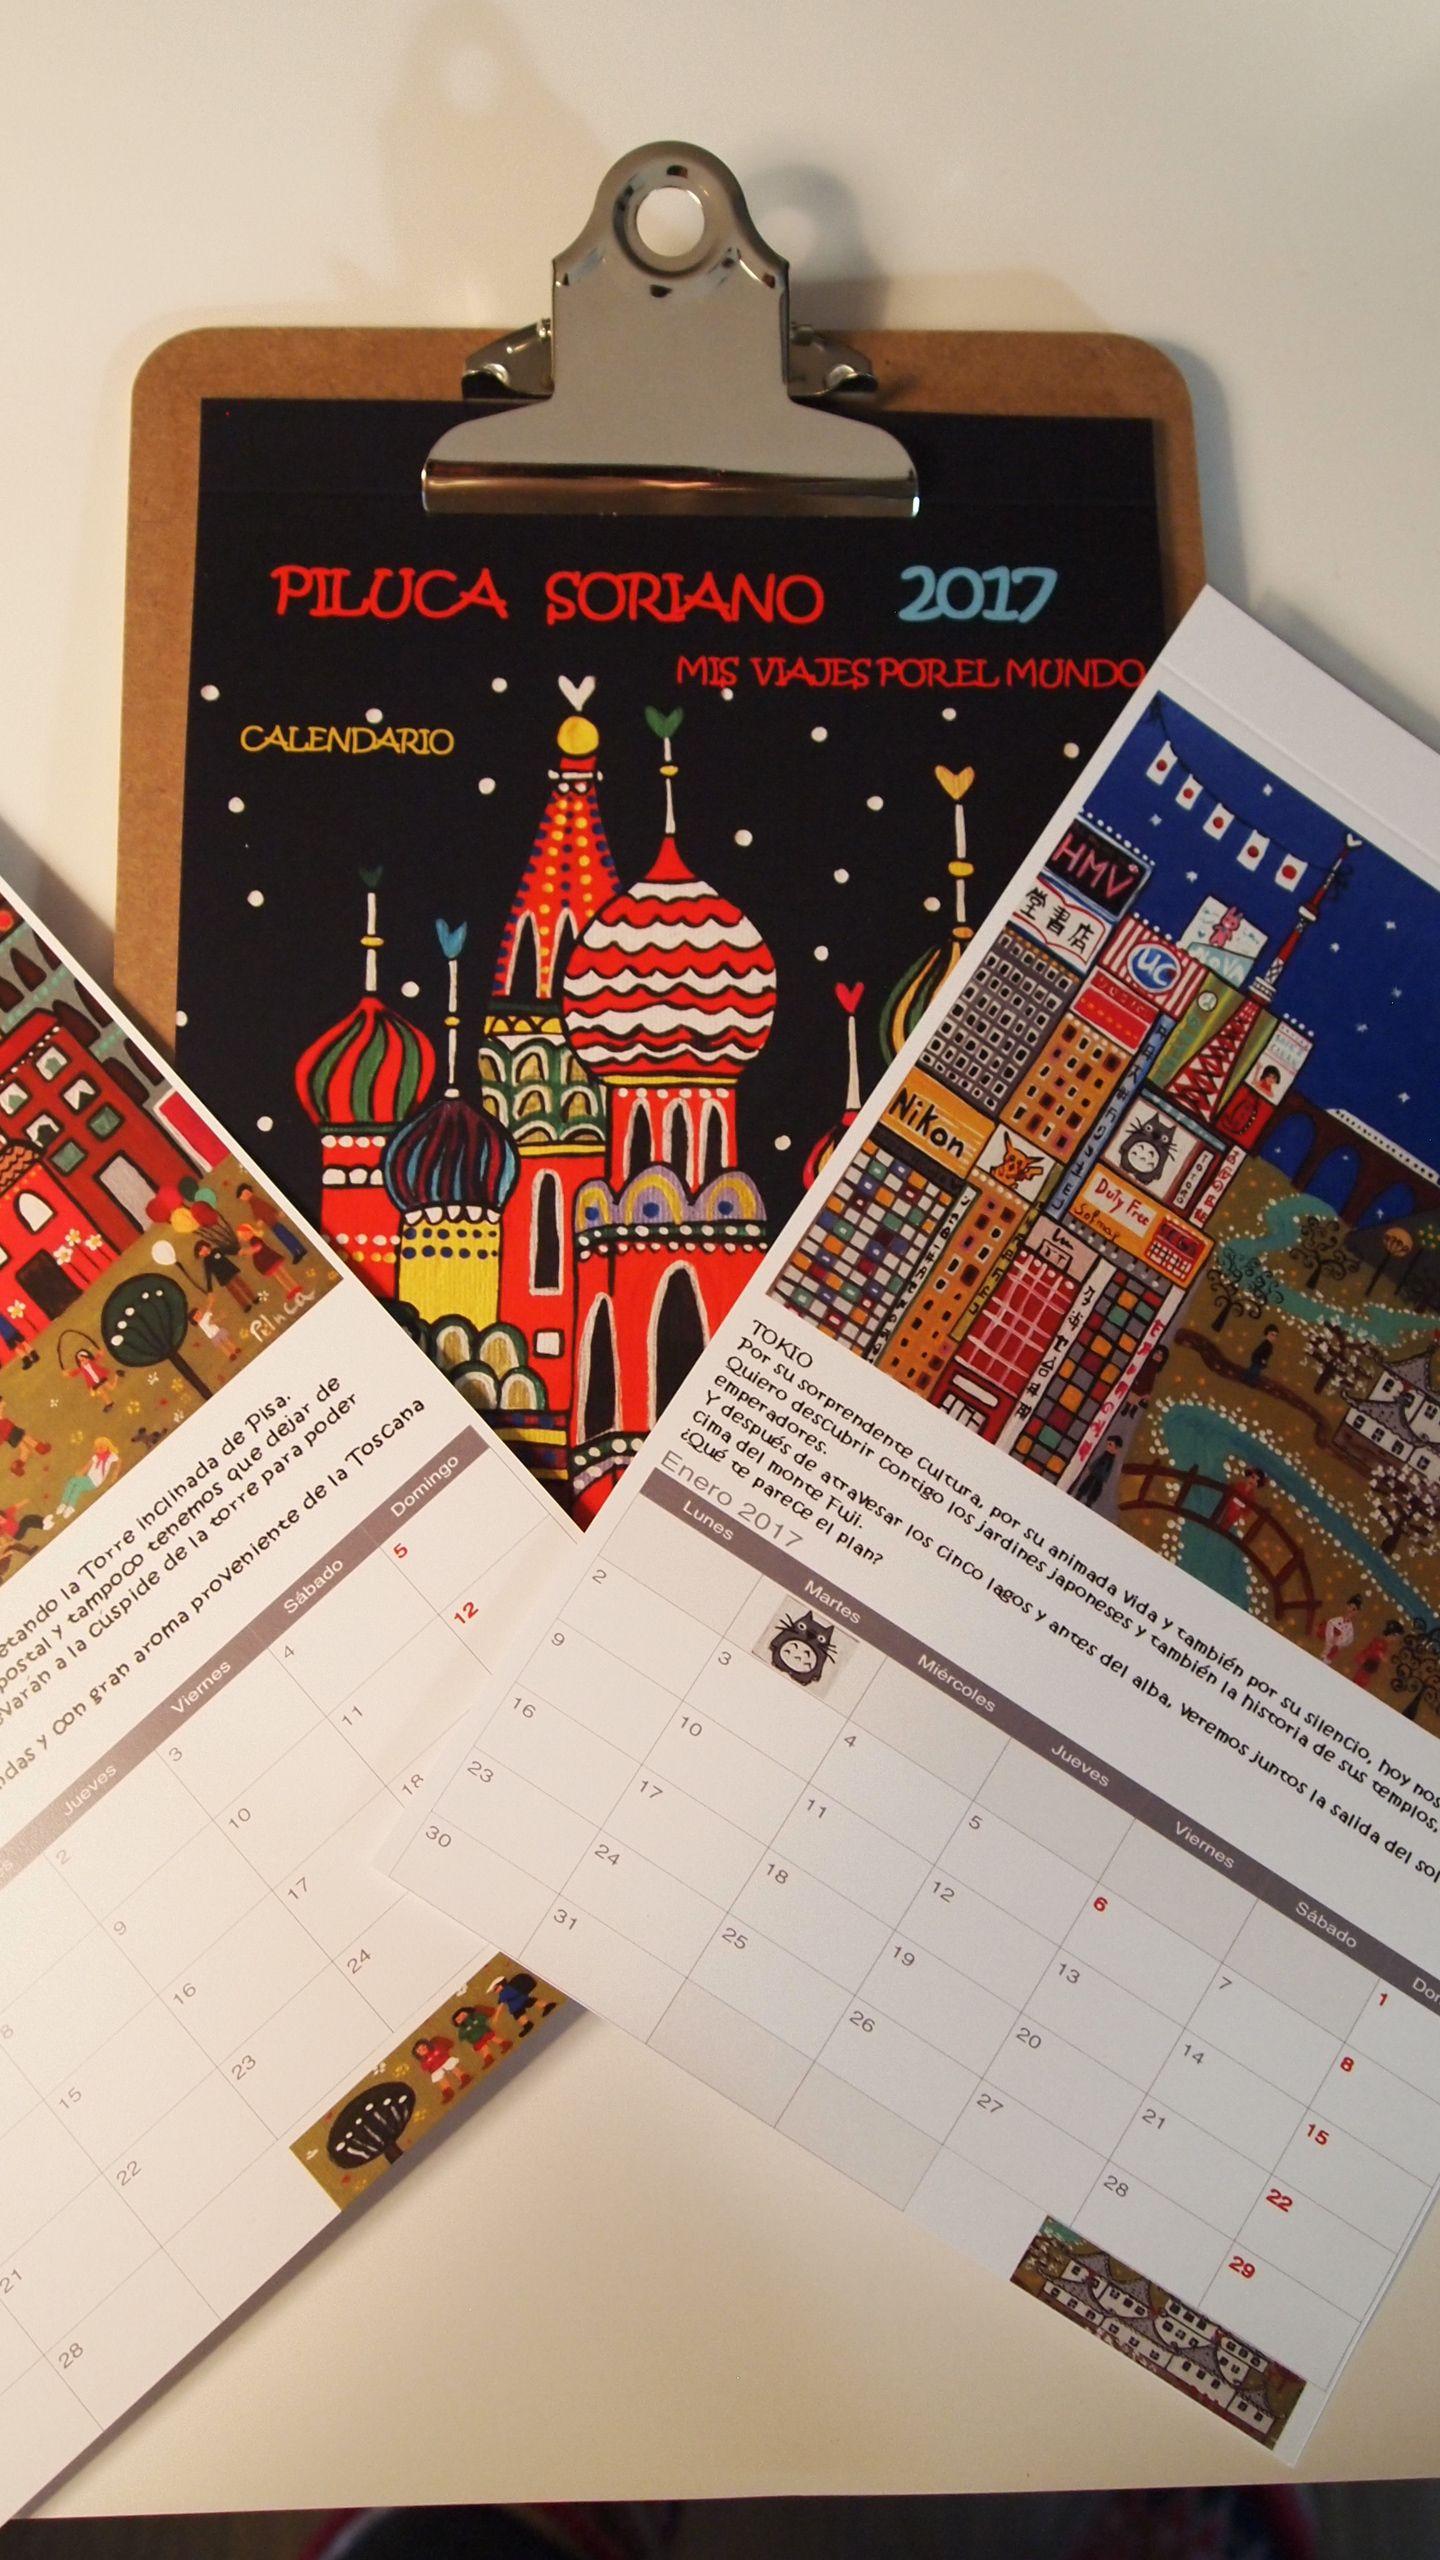 Calendario 2017. Mis viajes por el mundo.